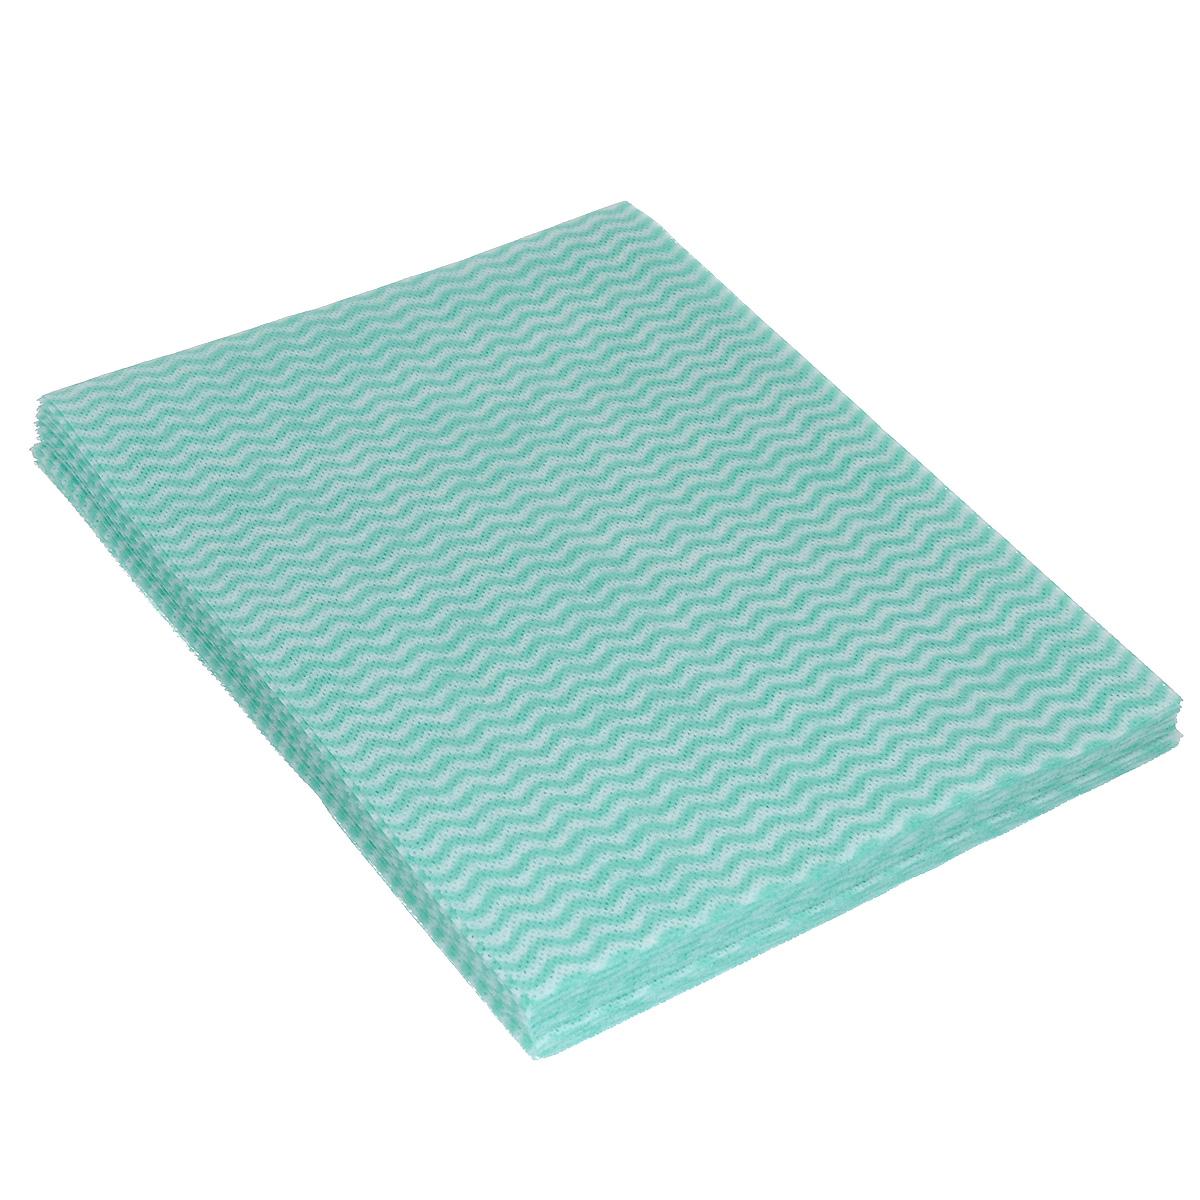 Салфетка-чудомойка Aqualine, с перфорацией, цвет: бирюзовый, 37 х 51 см, 10 шт3110 бирюзовыйСалфетка-чудомойка Aqualine выполнена из тонкого, но прочного перфорированного материала. Она обладает высокой очистительной способностью. Отлично собирает грязь и влагу, моет, не оставляя следов и ворсинок, хорошо выжимается. Салфетка имеет долгий срок службы. Салфетка легко стирается при температуре 40°С. Материал: 60% вискоза, 15% полипропилен, 15% полиэстер, 10% связующие вещества. Размер салфетки: 37 см х 51 см. Комплектация: 10 шт.